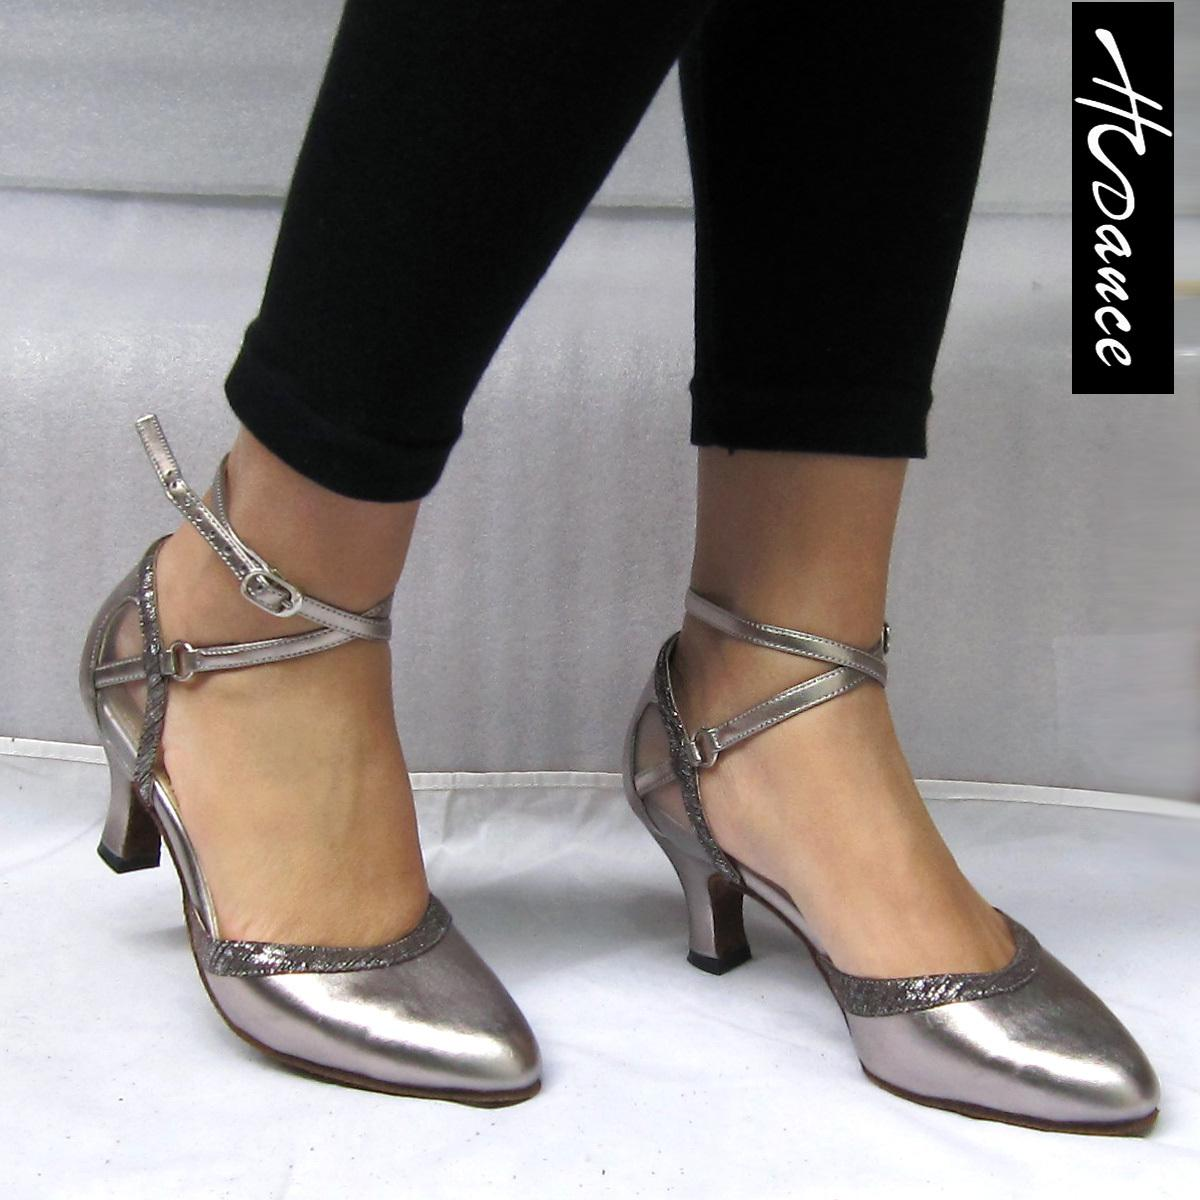 Lindy Dance Shoes, Bridget Womens T-Strap Shoes